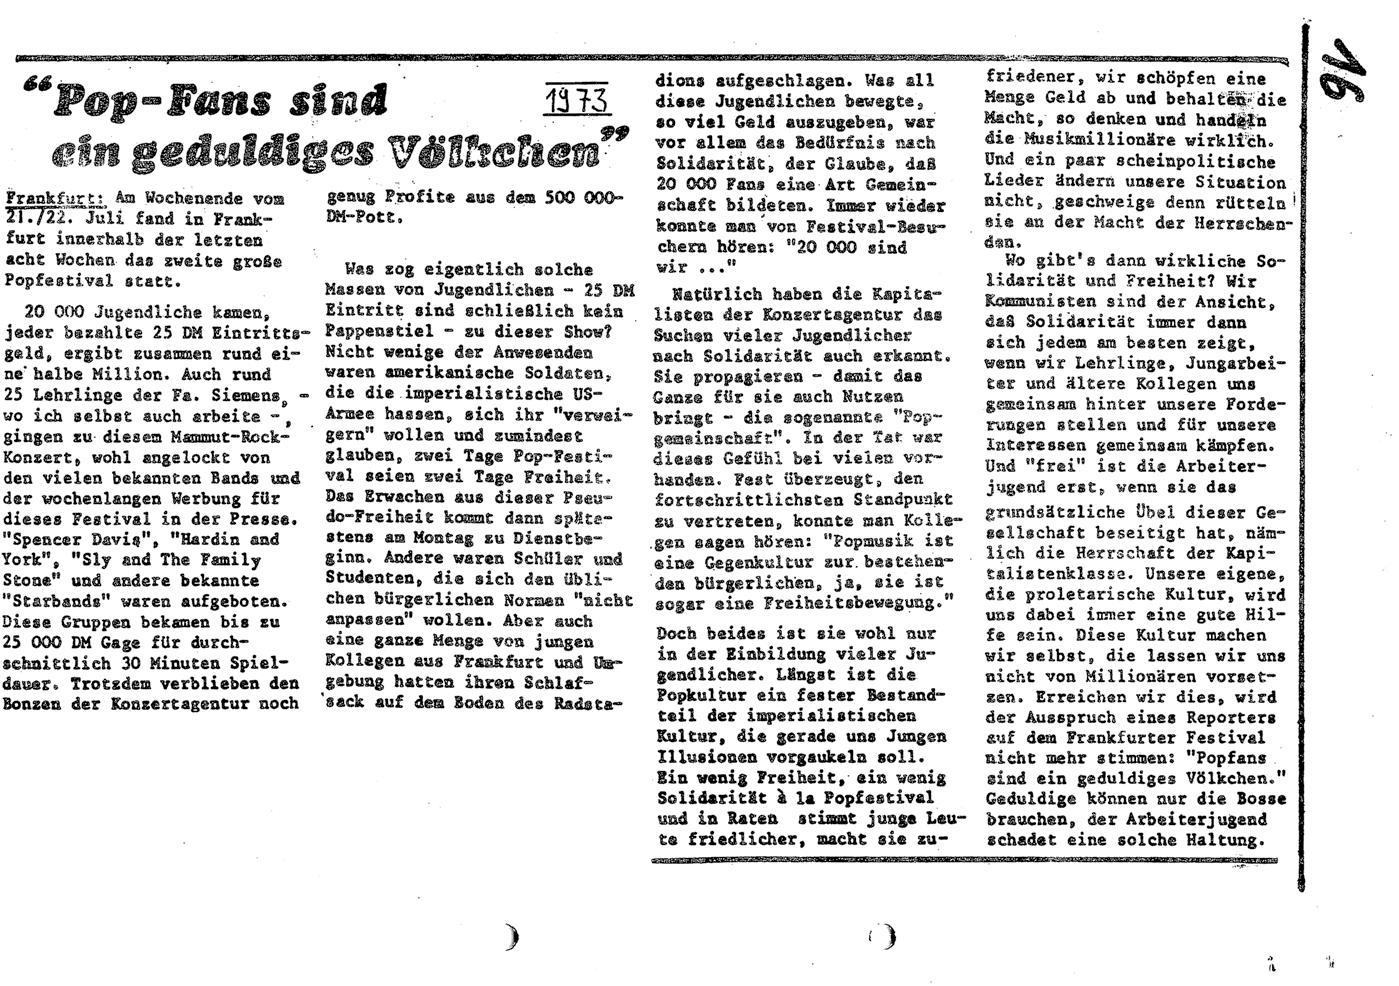 KABRW_Arbeitshefte_1977_25_015